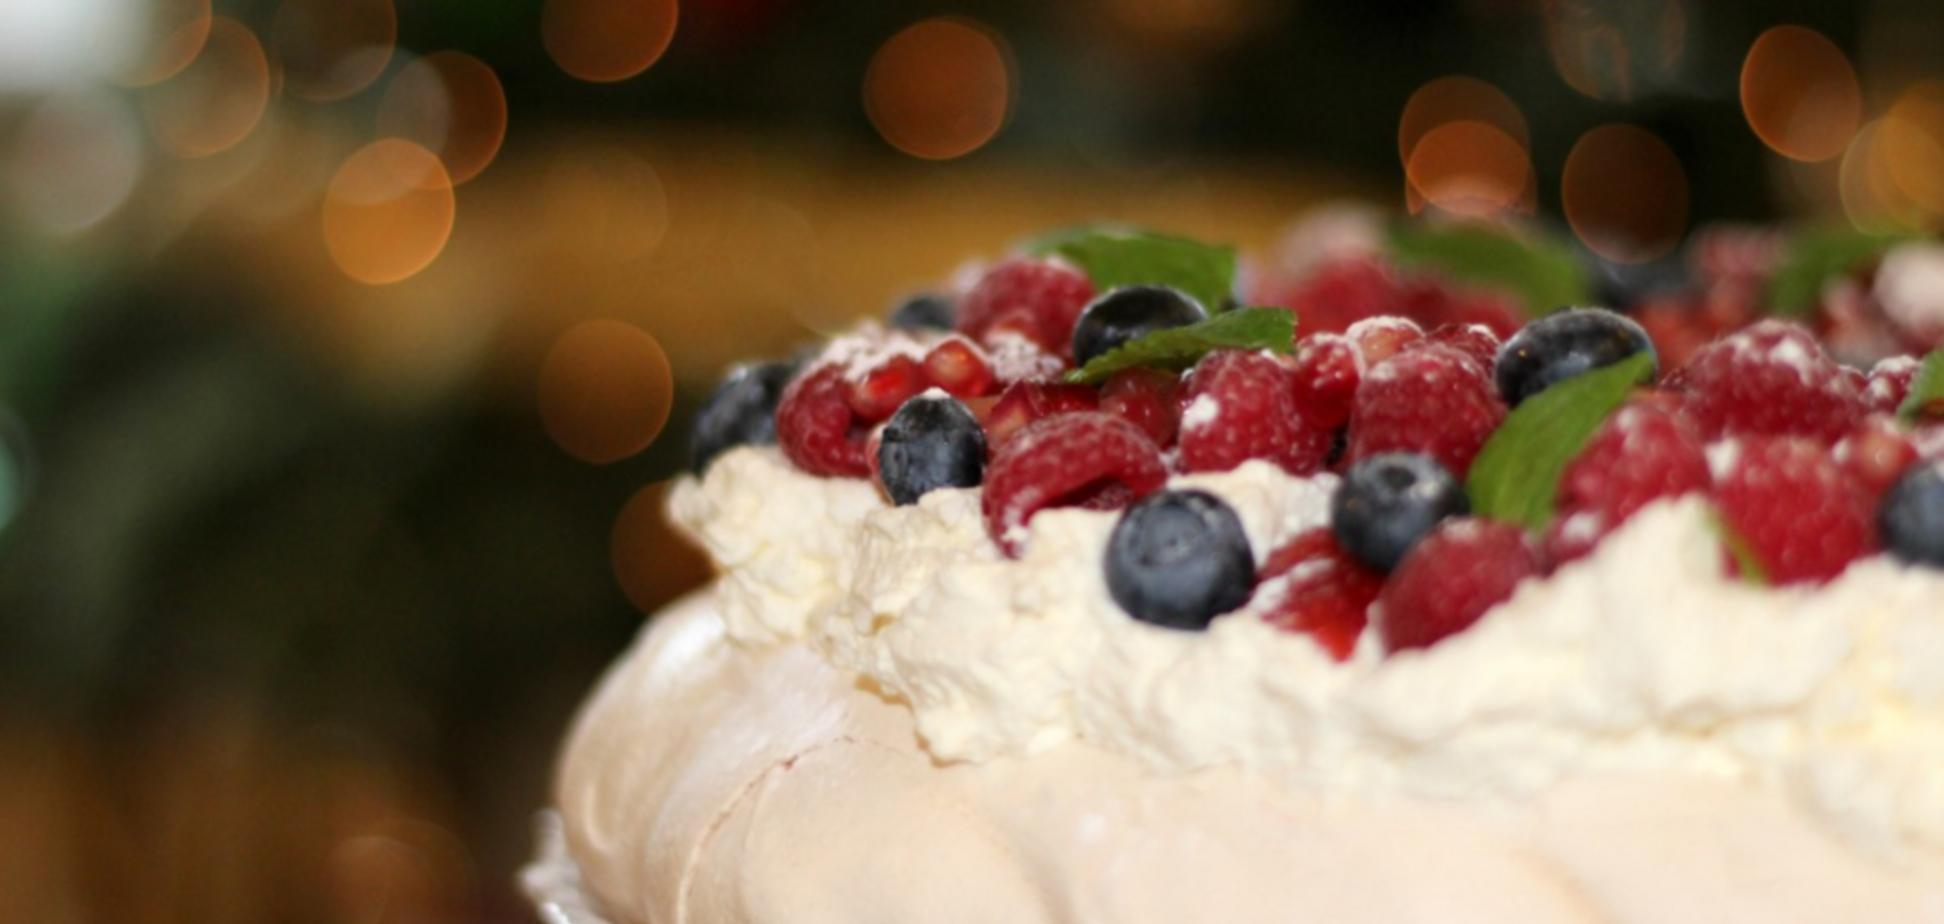 Рецепт вкуснейшего сладкого заливного пирога на кефире